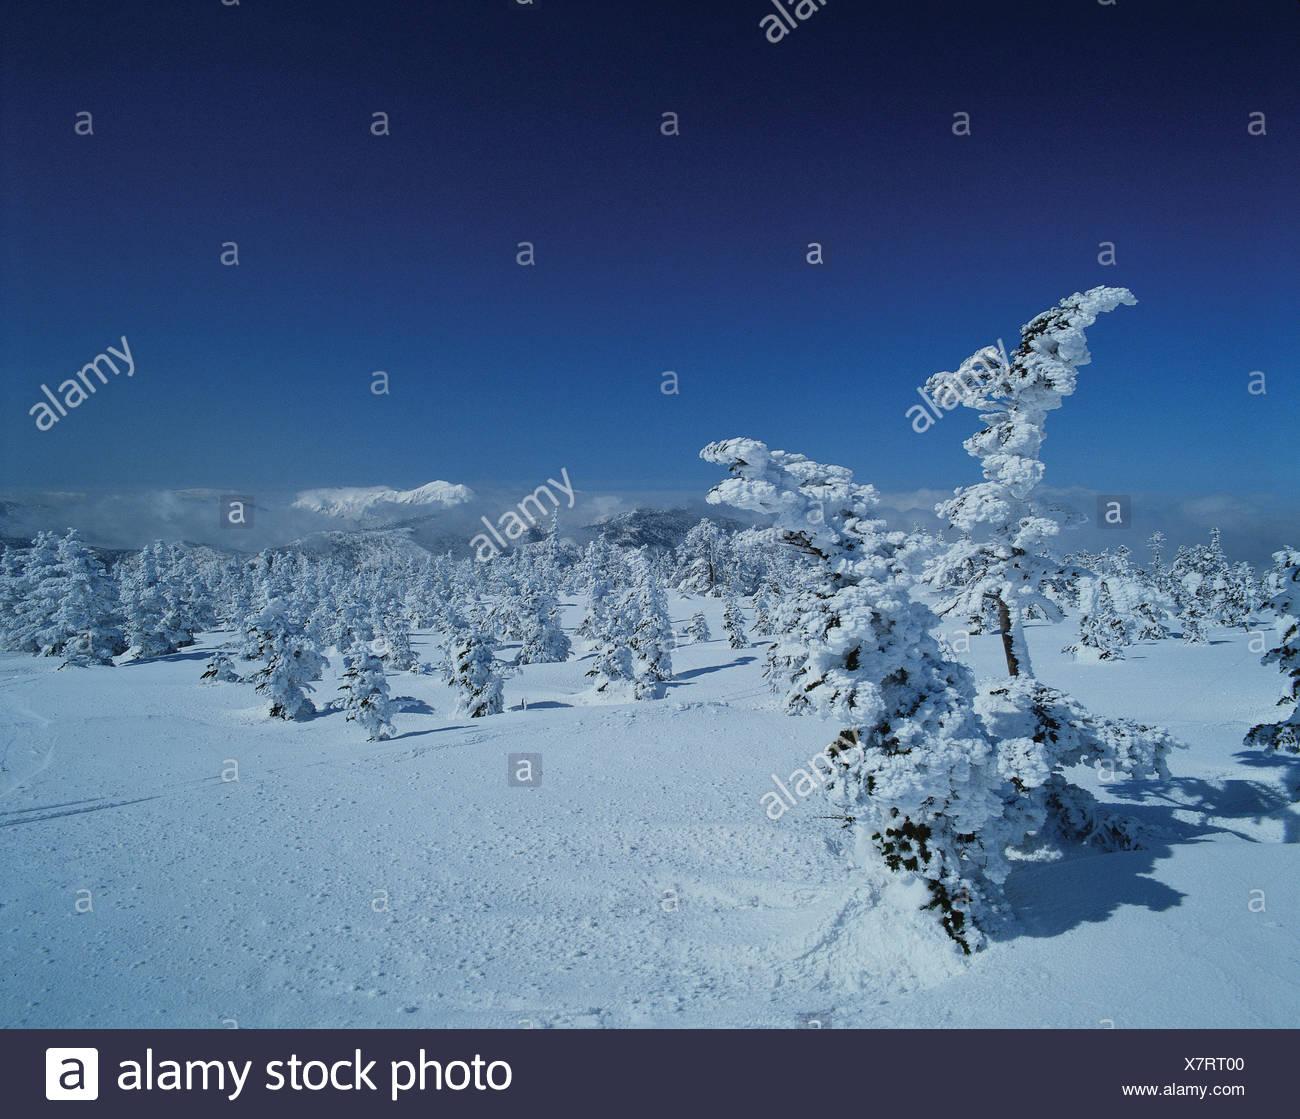 nature,landscape,scenery,scene,winter,snowscape,tr - Stock Image